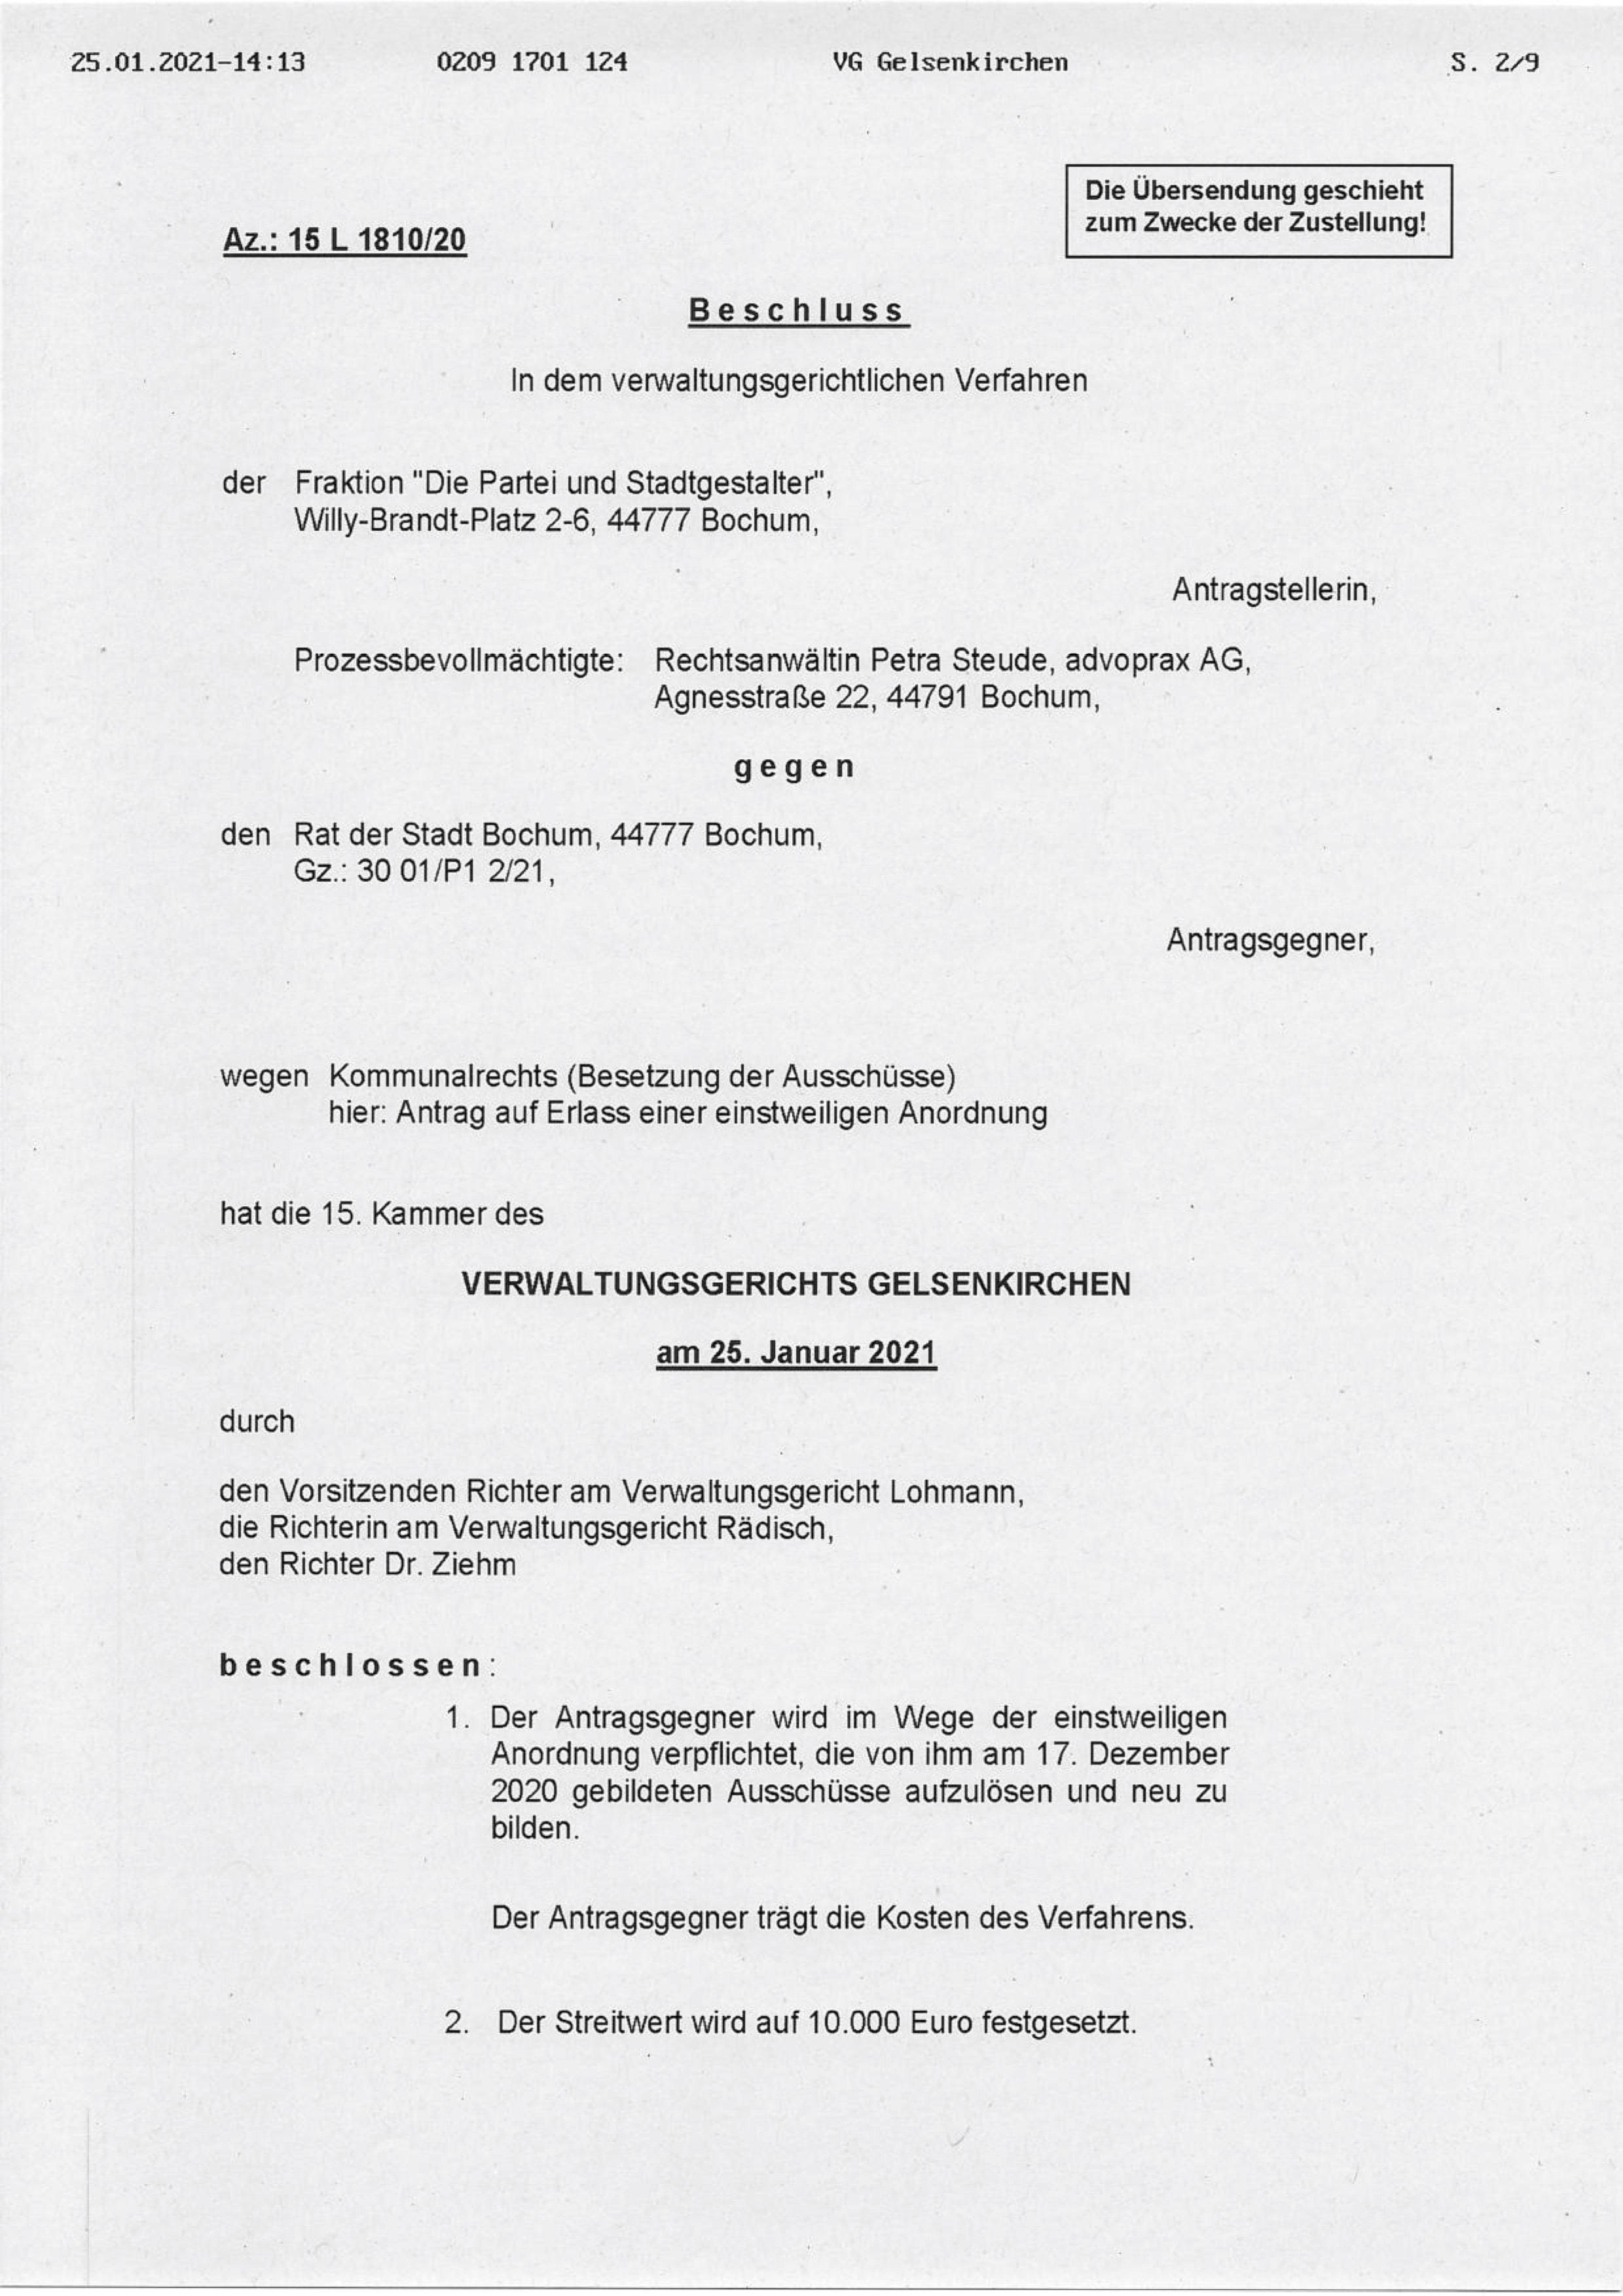 """Beschluss (VG Gelsenkirchen 25.01.2021) in der Sache Fraktion """"Die Partei und Stadtgestalter"""" gegen den Rat der Stadt Bochum, hier: Seite 1/8 (bzw. 2/9)"""